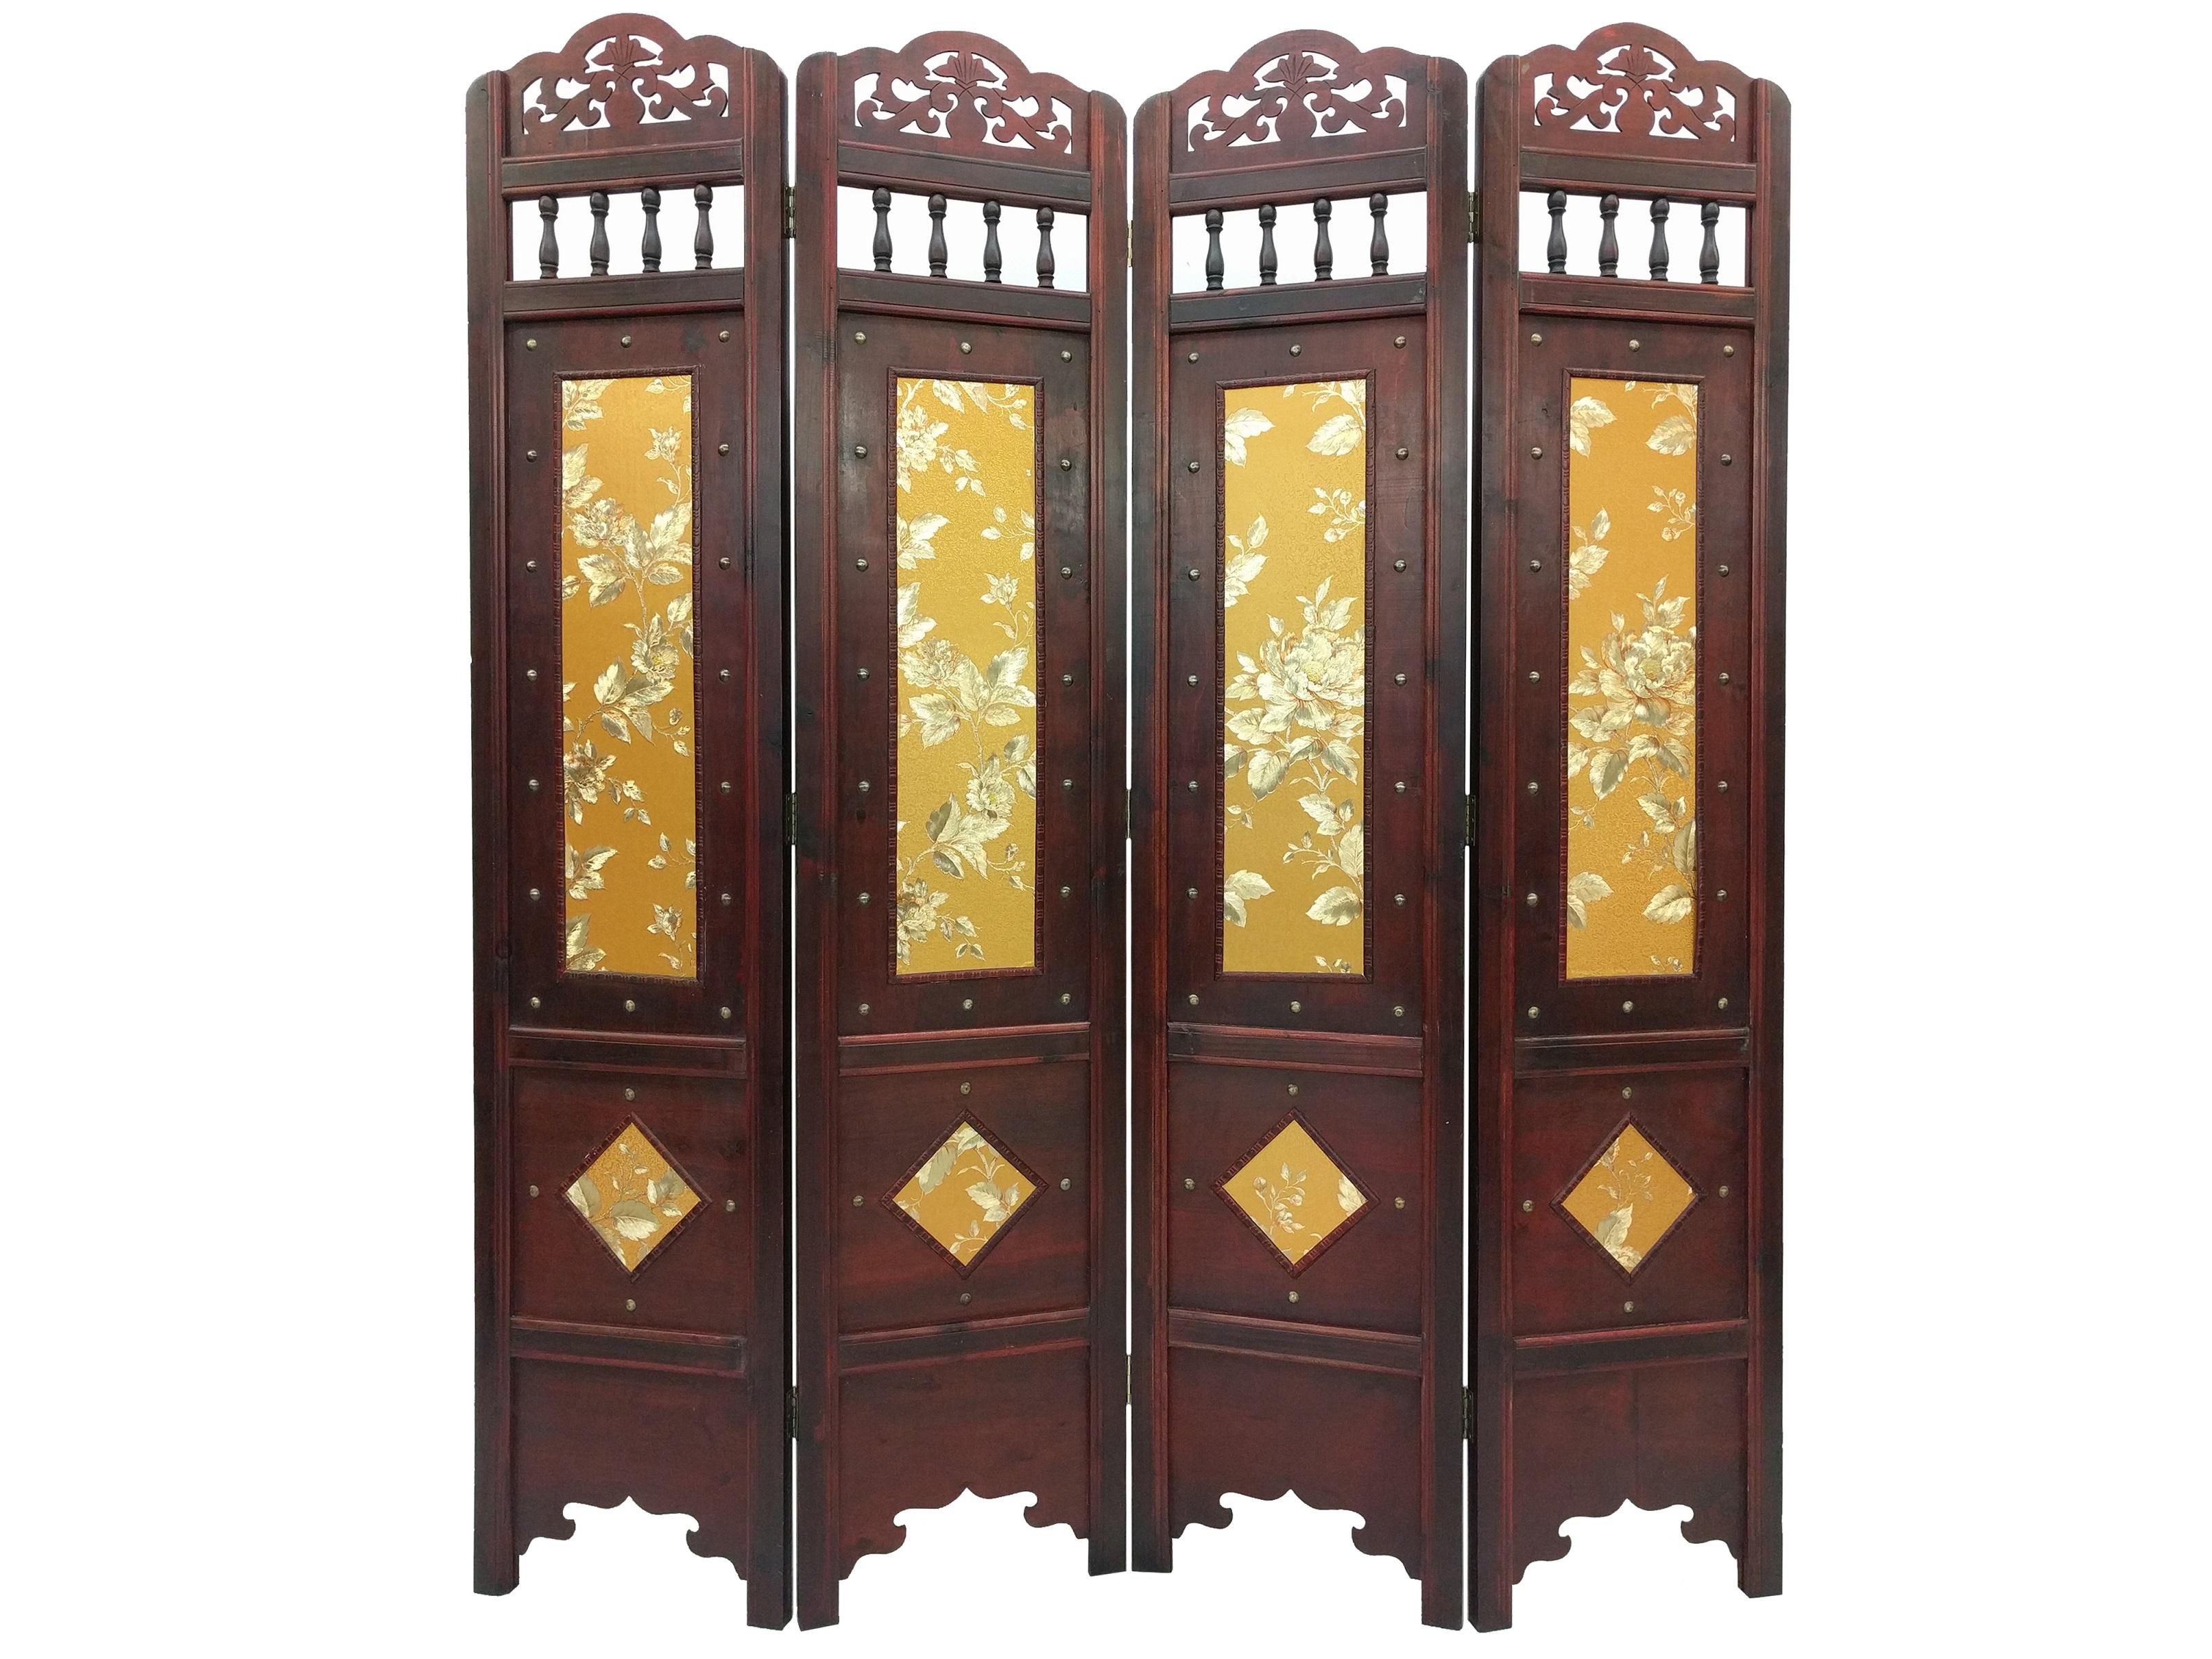 Vintage gold leaves room divider screen 4 panel wooden frame - Room divider picture frames ...